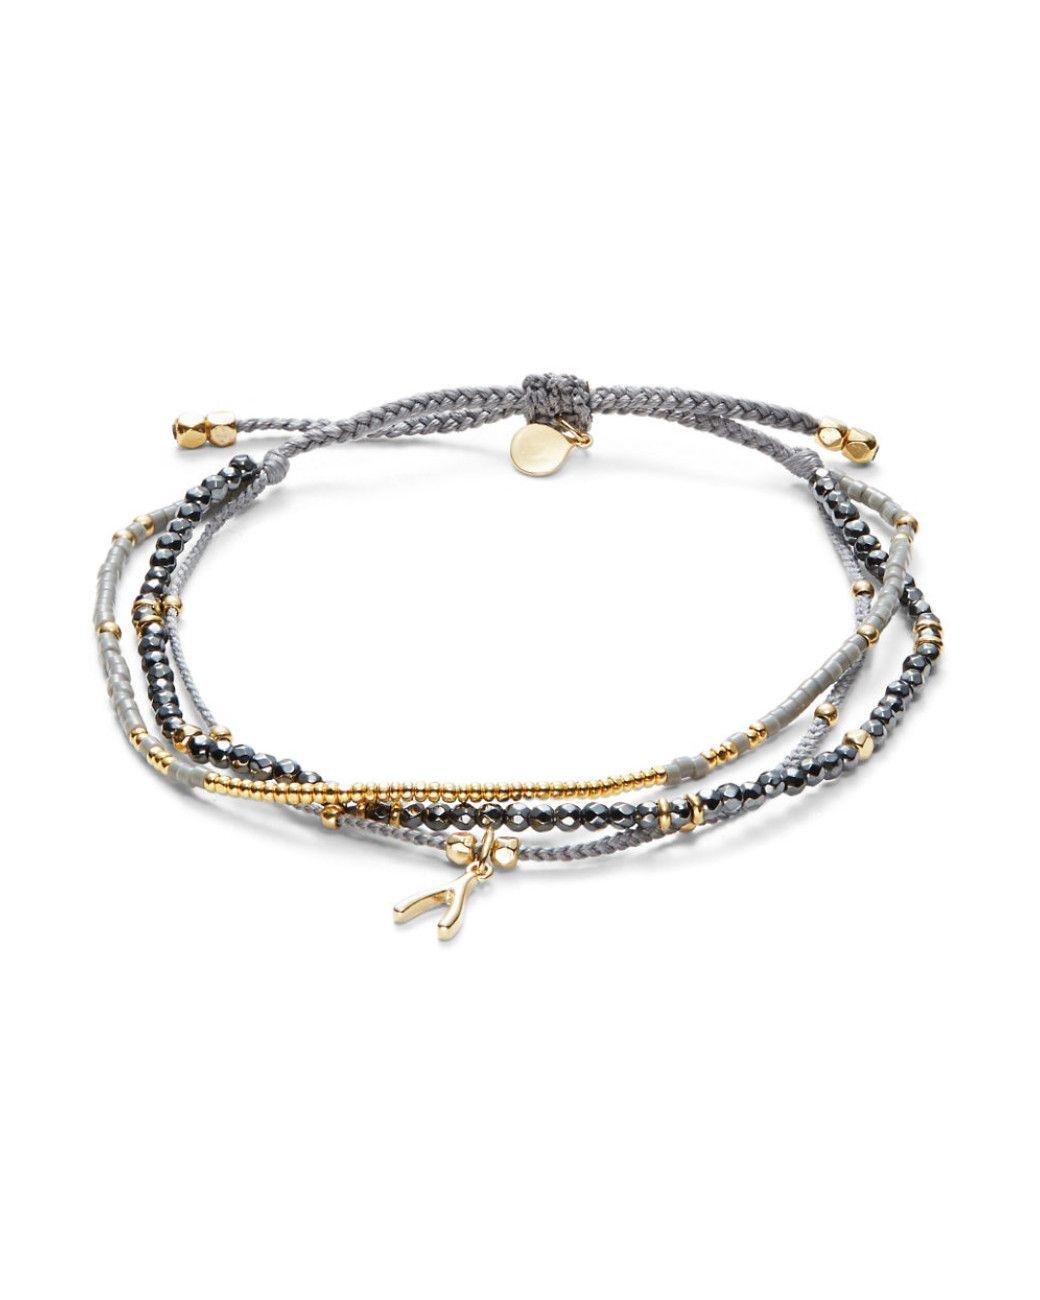 Tai Jewelry Leather Wrap Bracelet with Charms, Gray